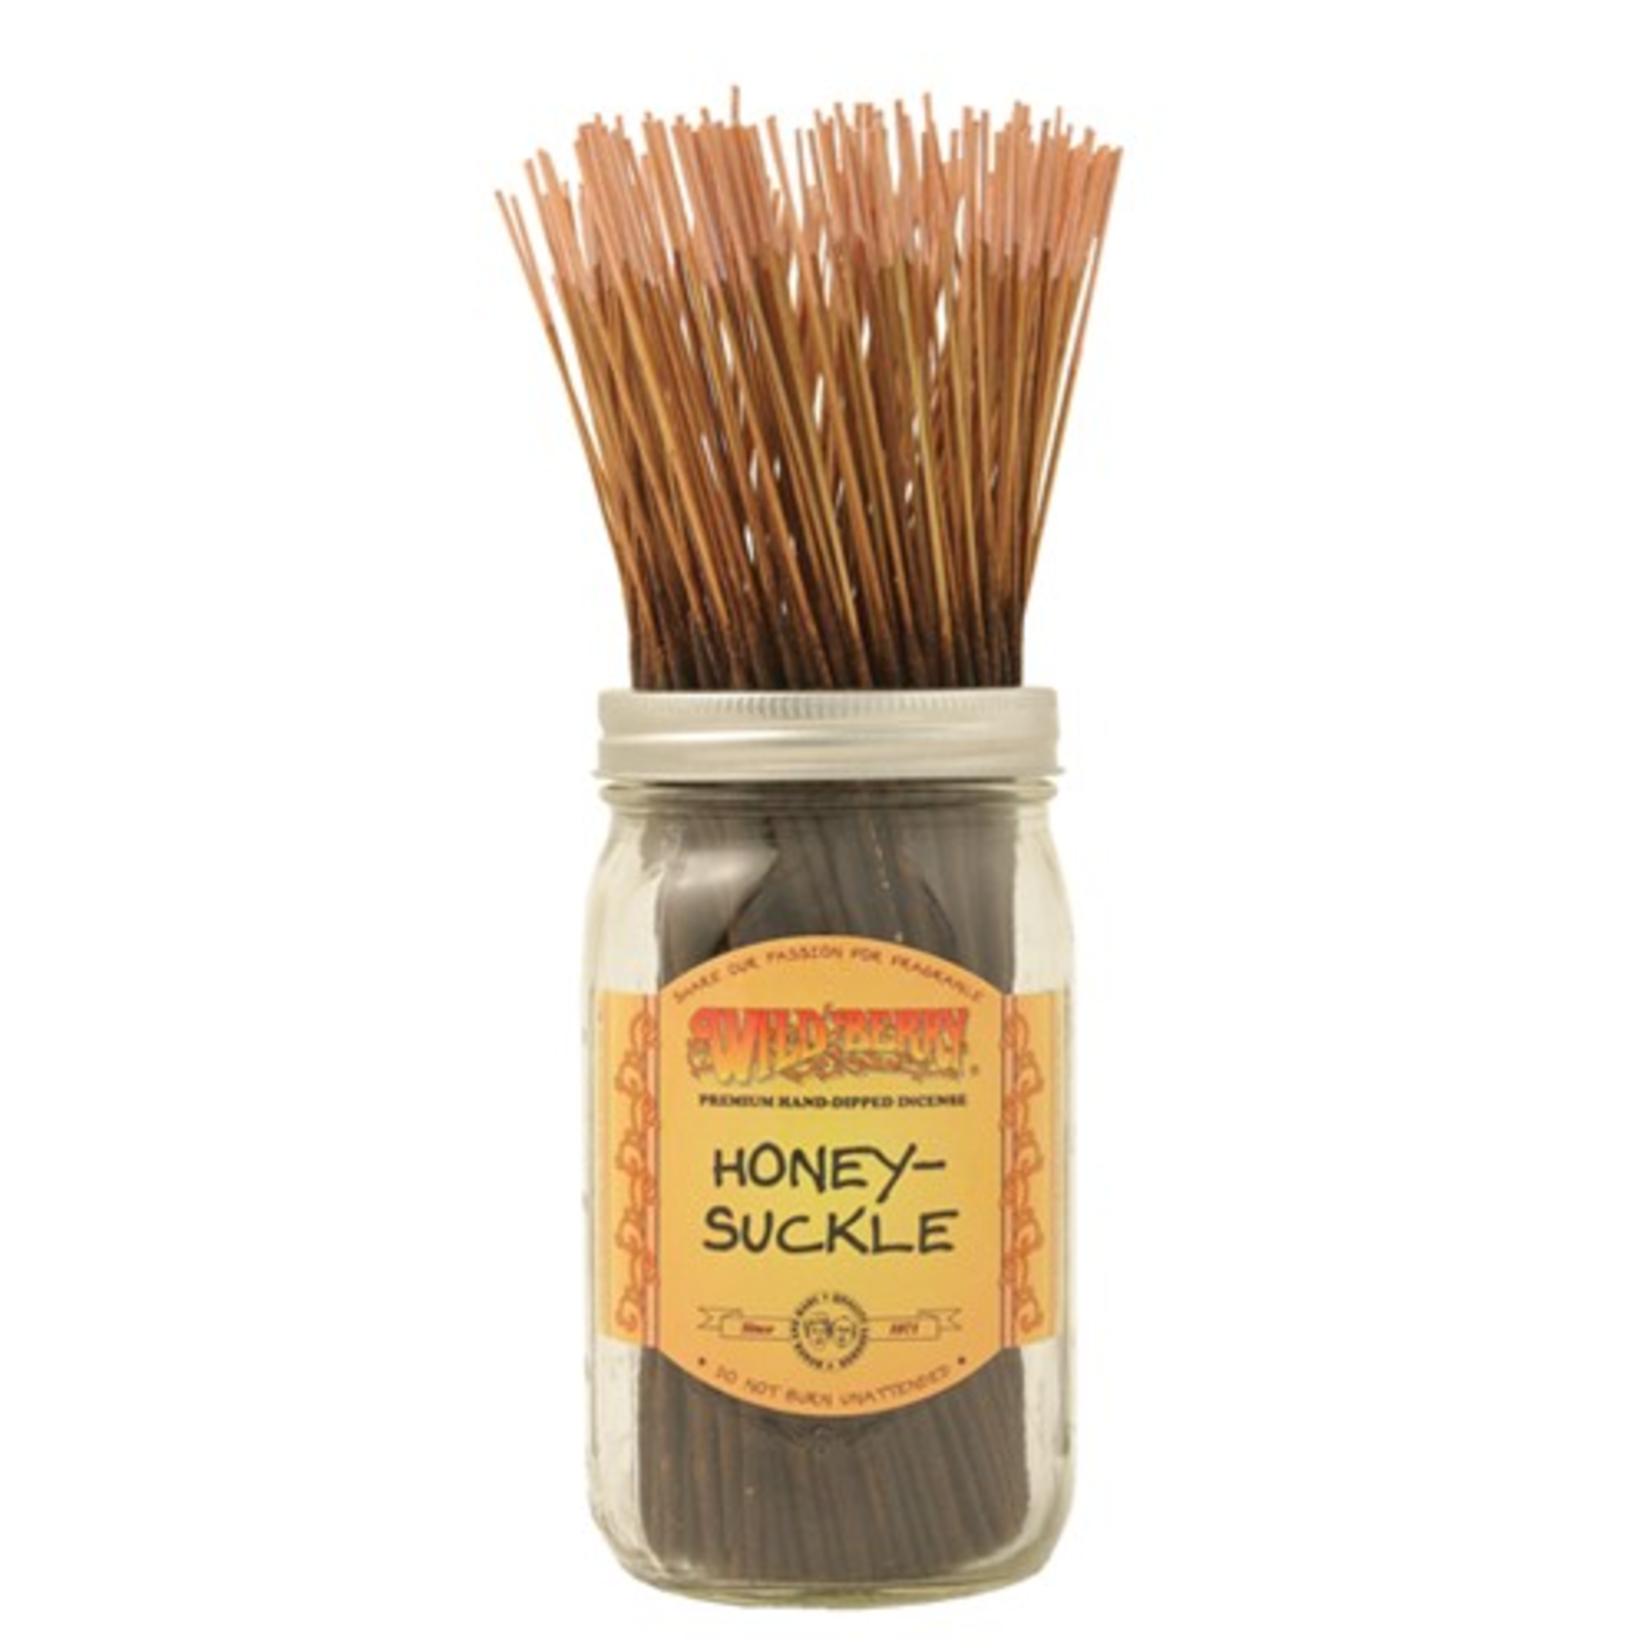 WILDBERRY- Honey Suckle incense